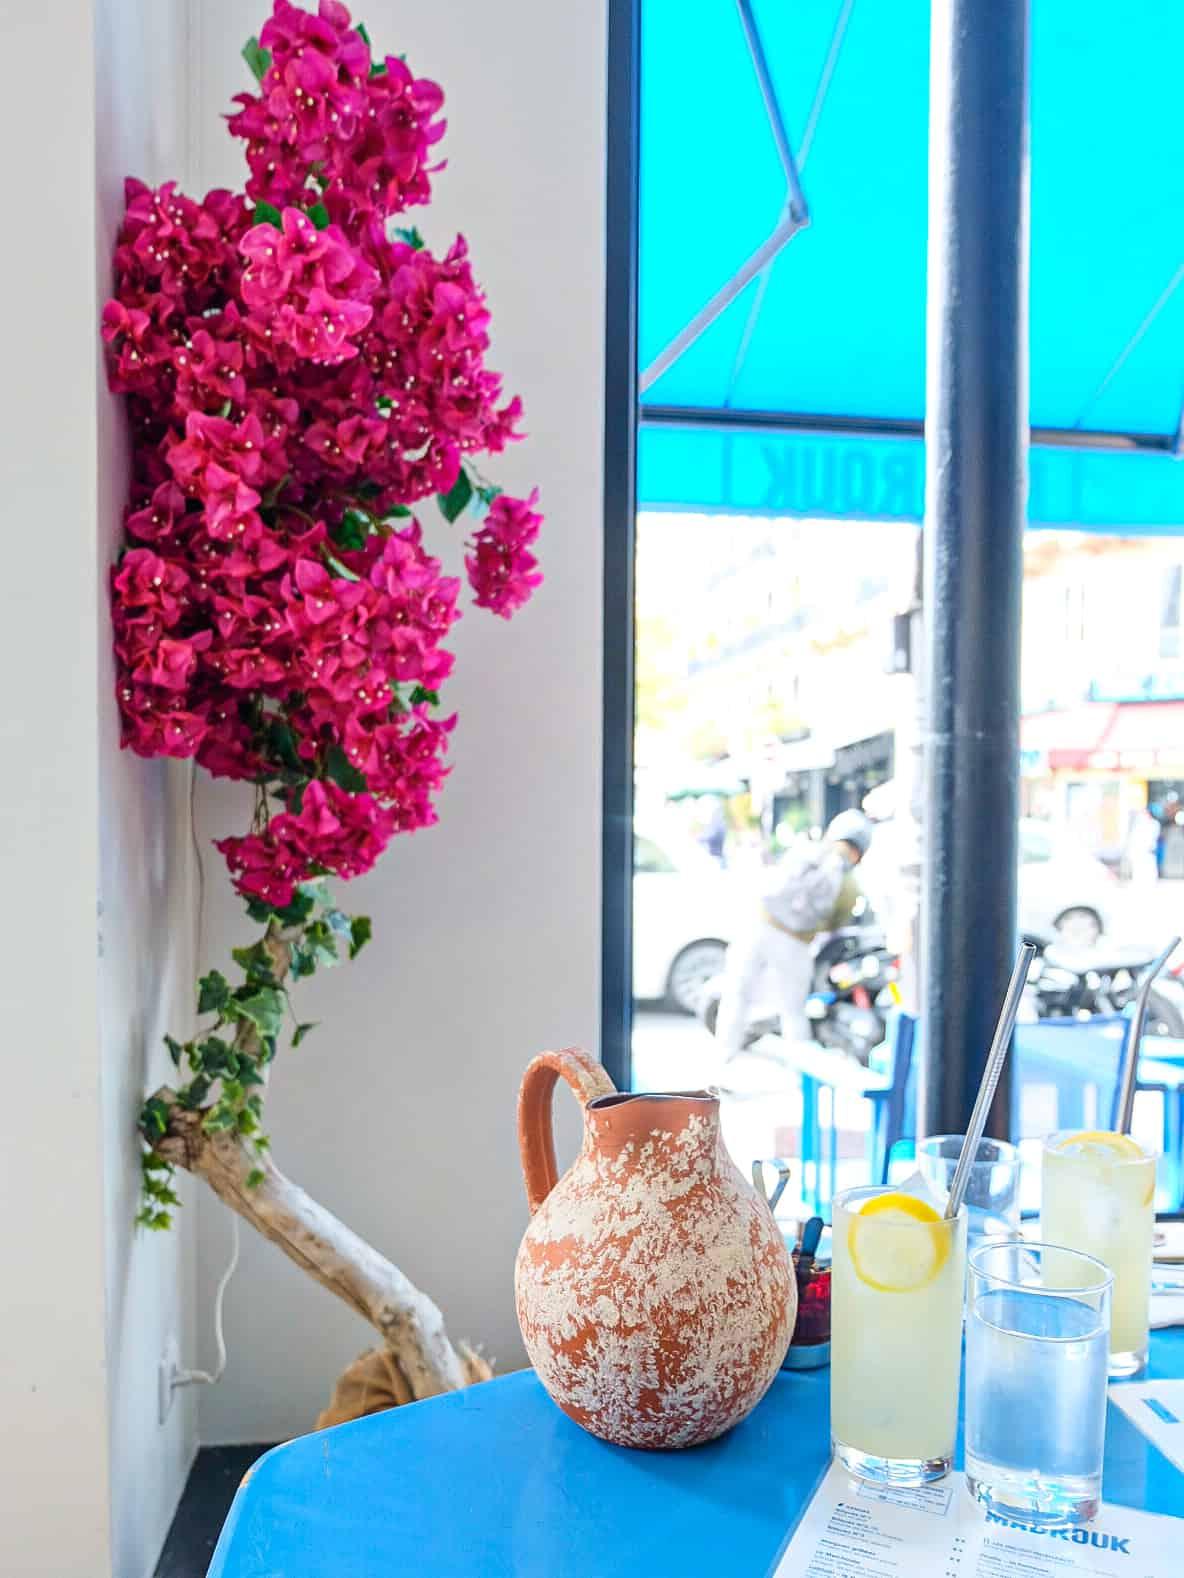 mabrouk-restaurant-tunisien-paris-3